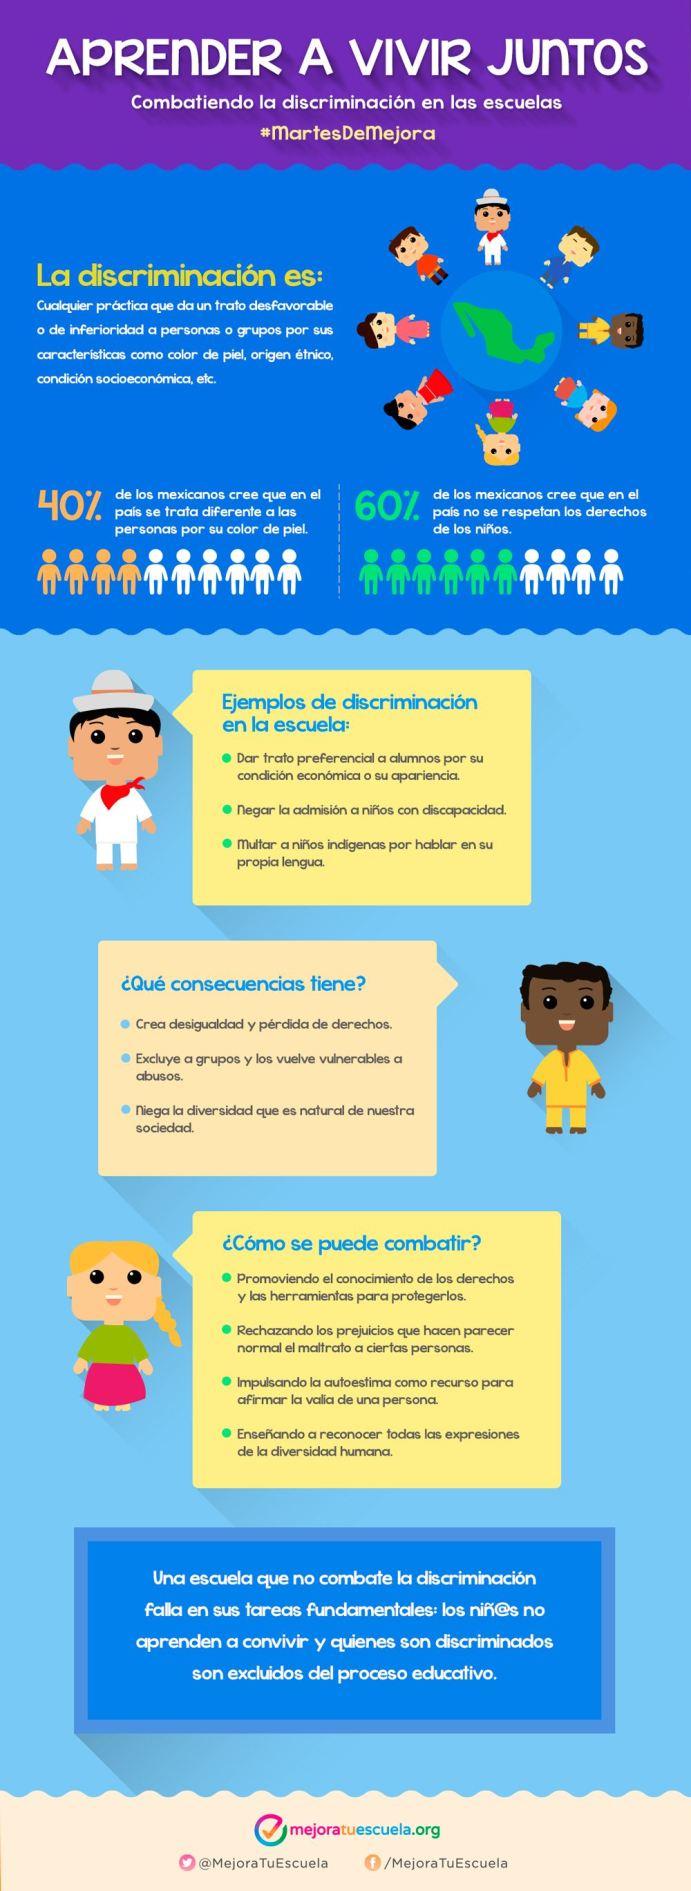 DiscriminaciónAulaCómoEnfrentarla-Infografía-BlogGesvin